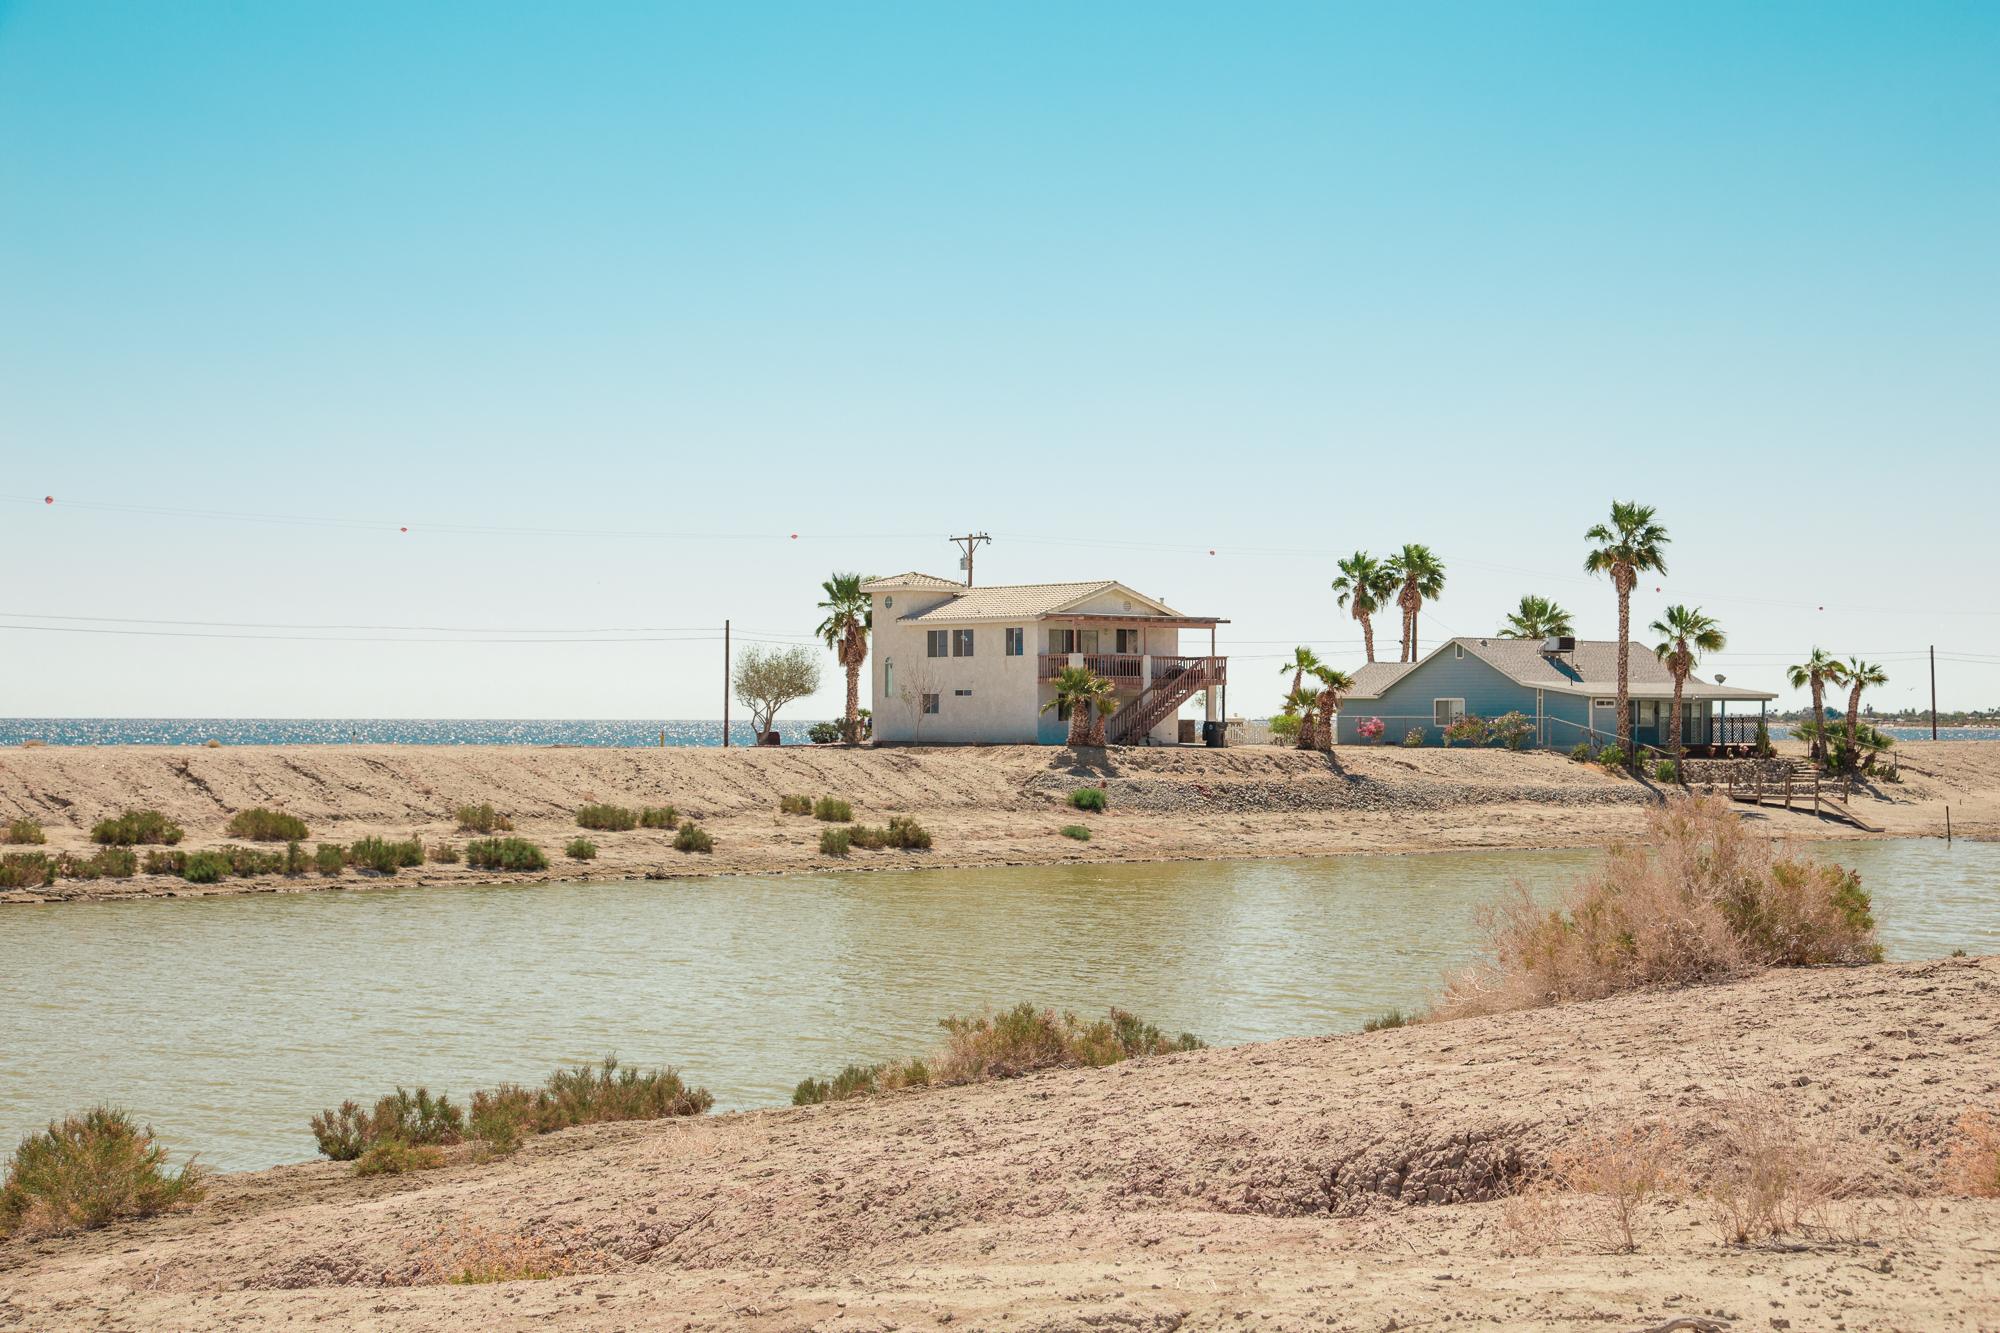 Houses along Desert Shores - The Salton Sea, CA